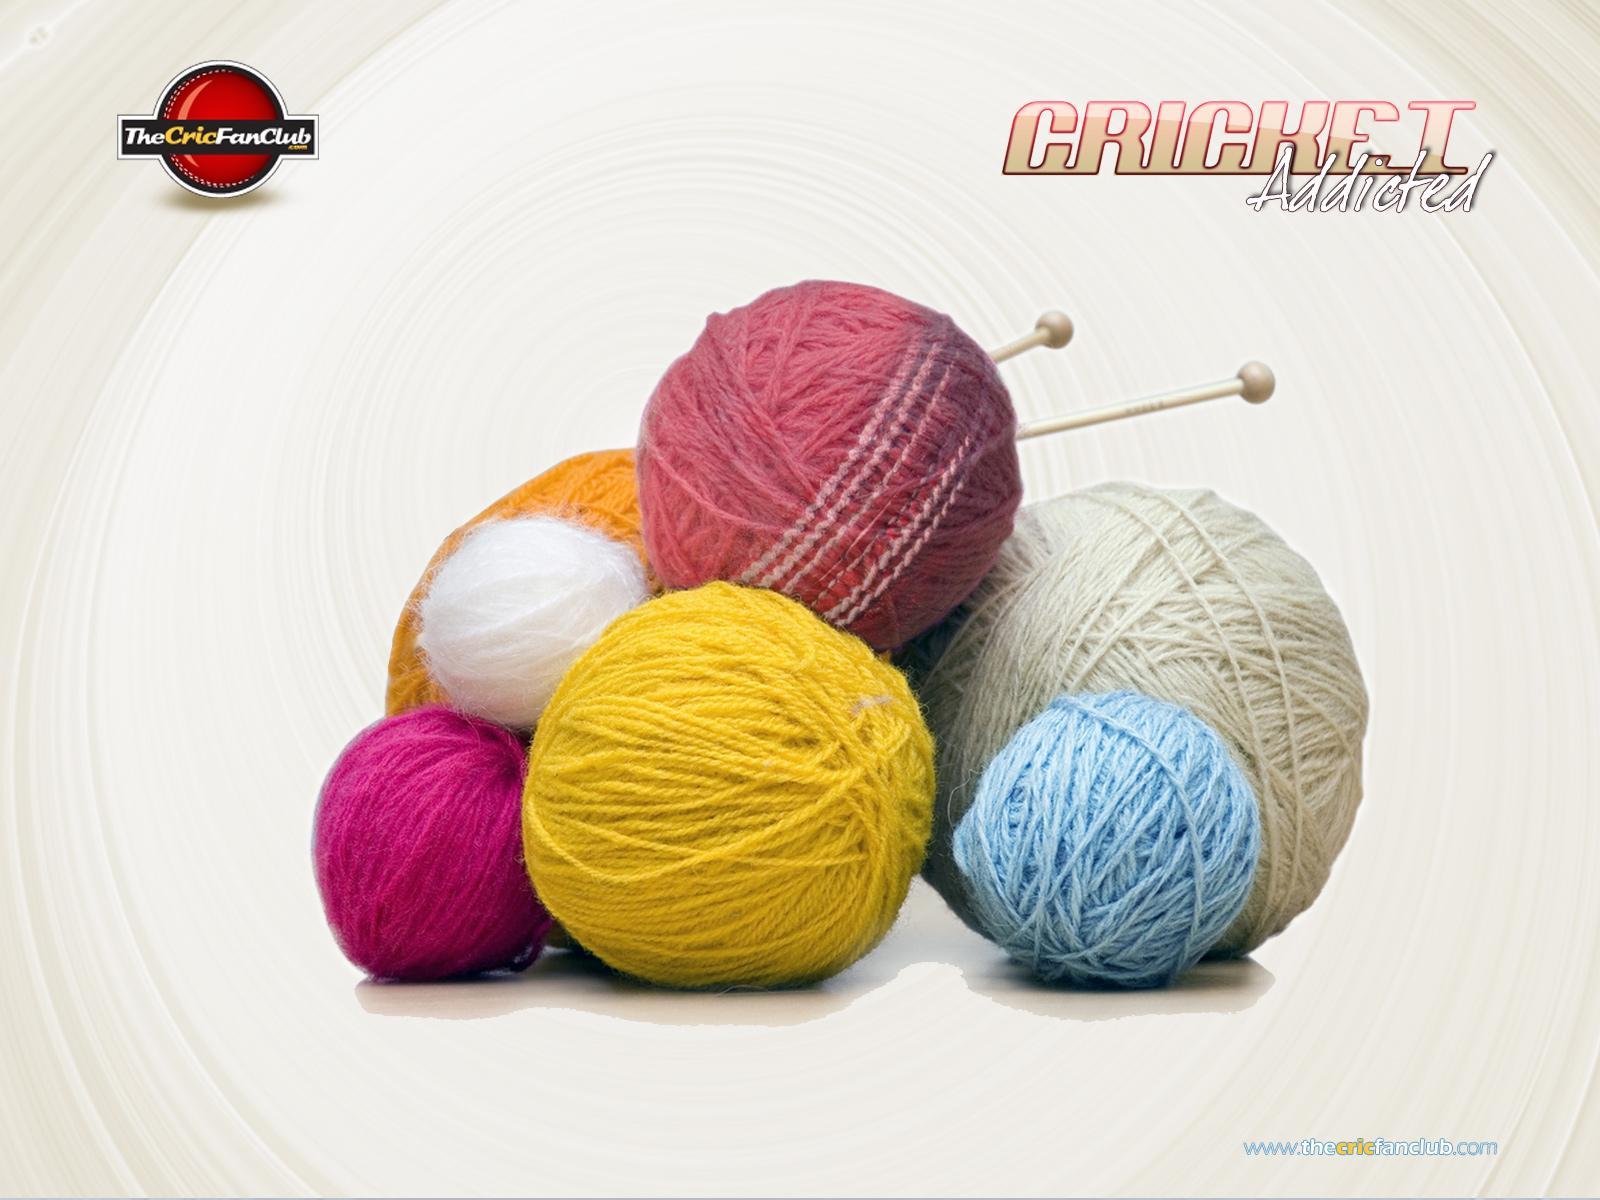 История вязания спицами. Первая вязаная одежда 3